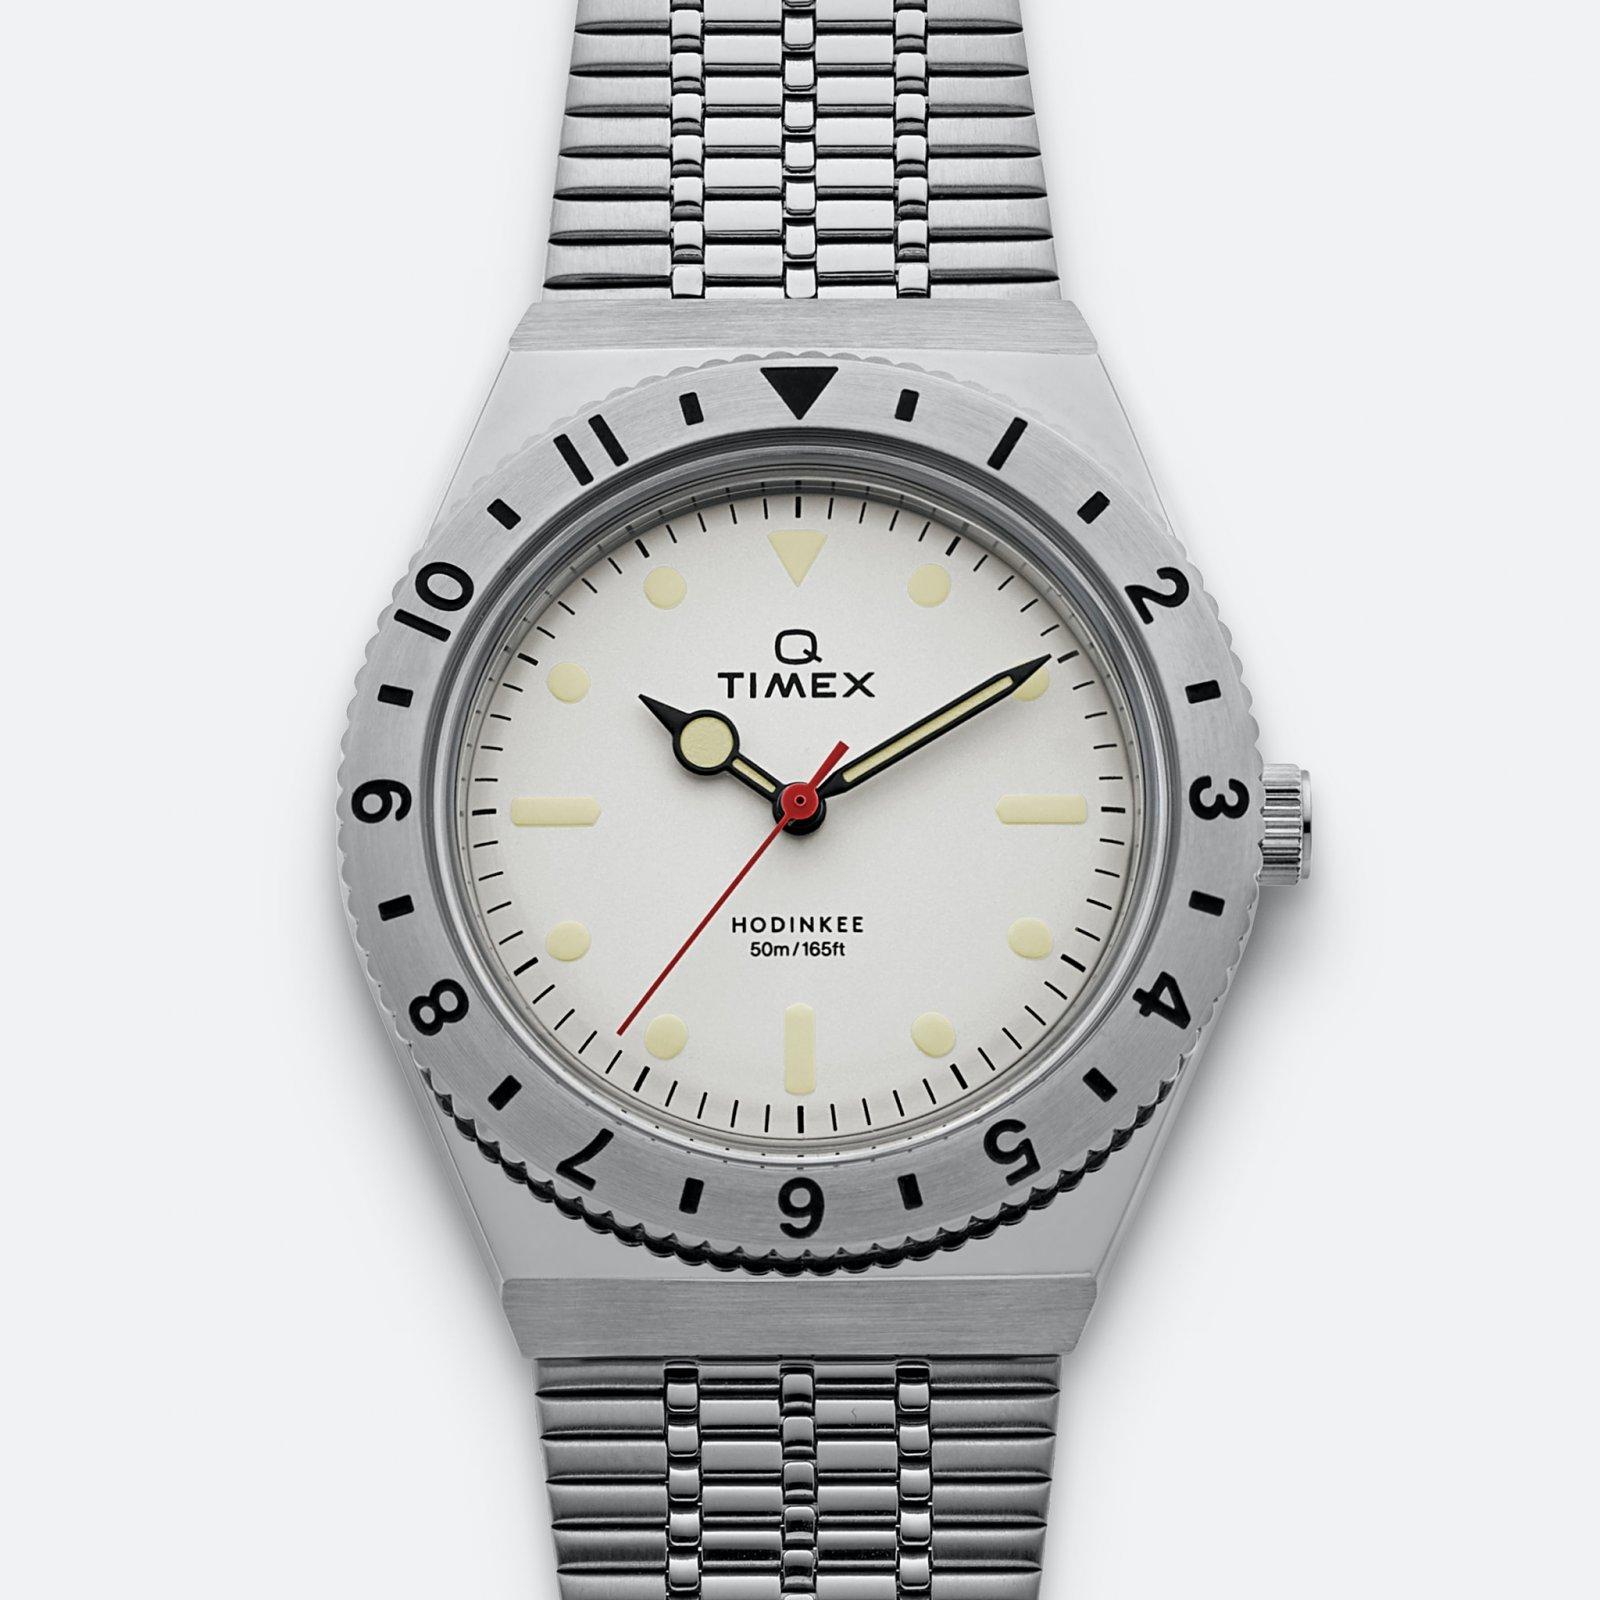 TimexXHodinkeeQ-Natural.jpg